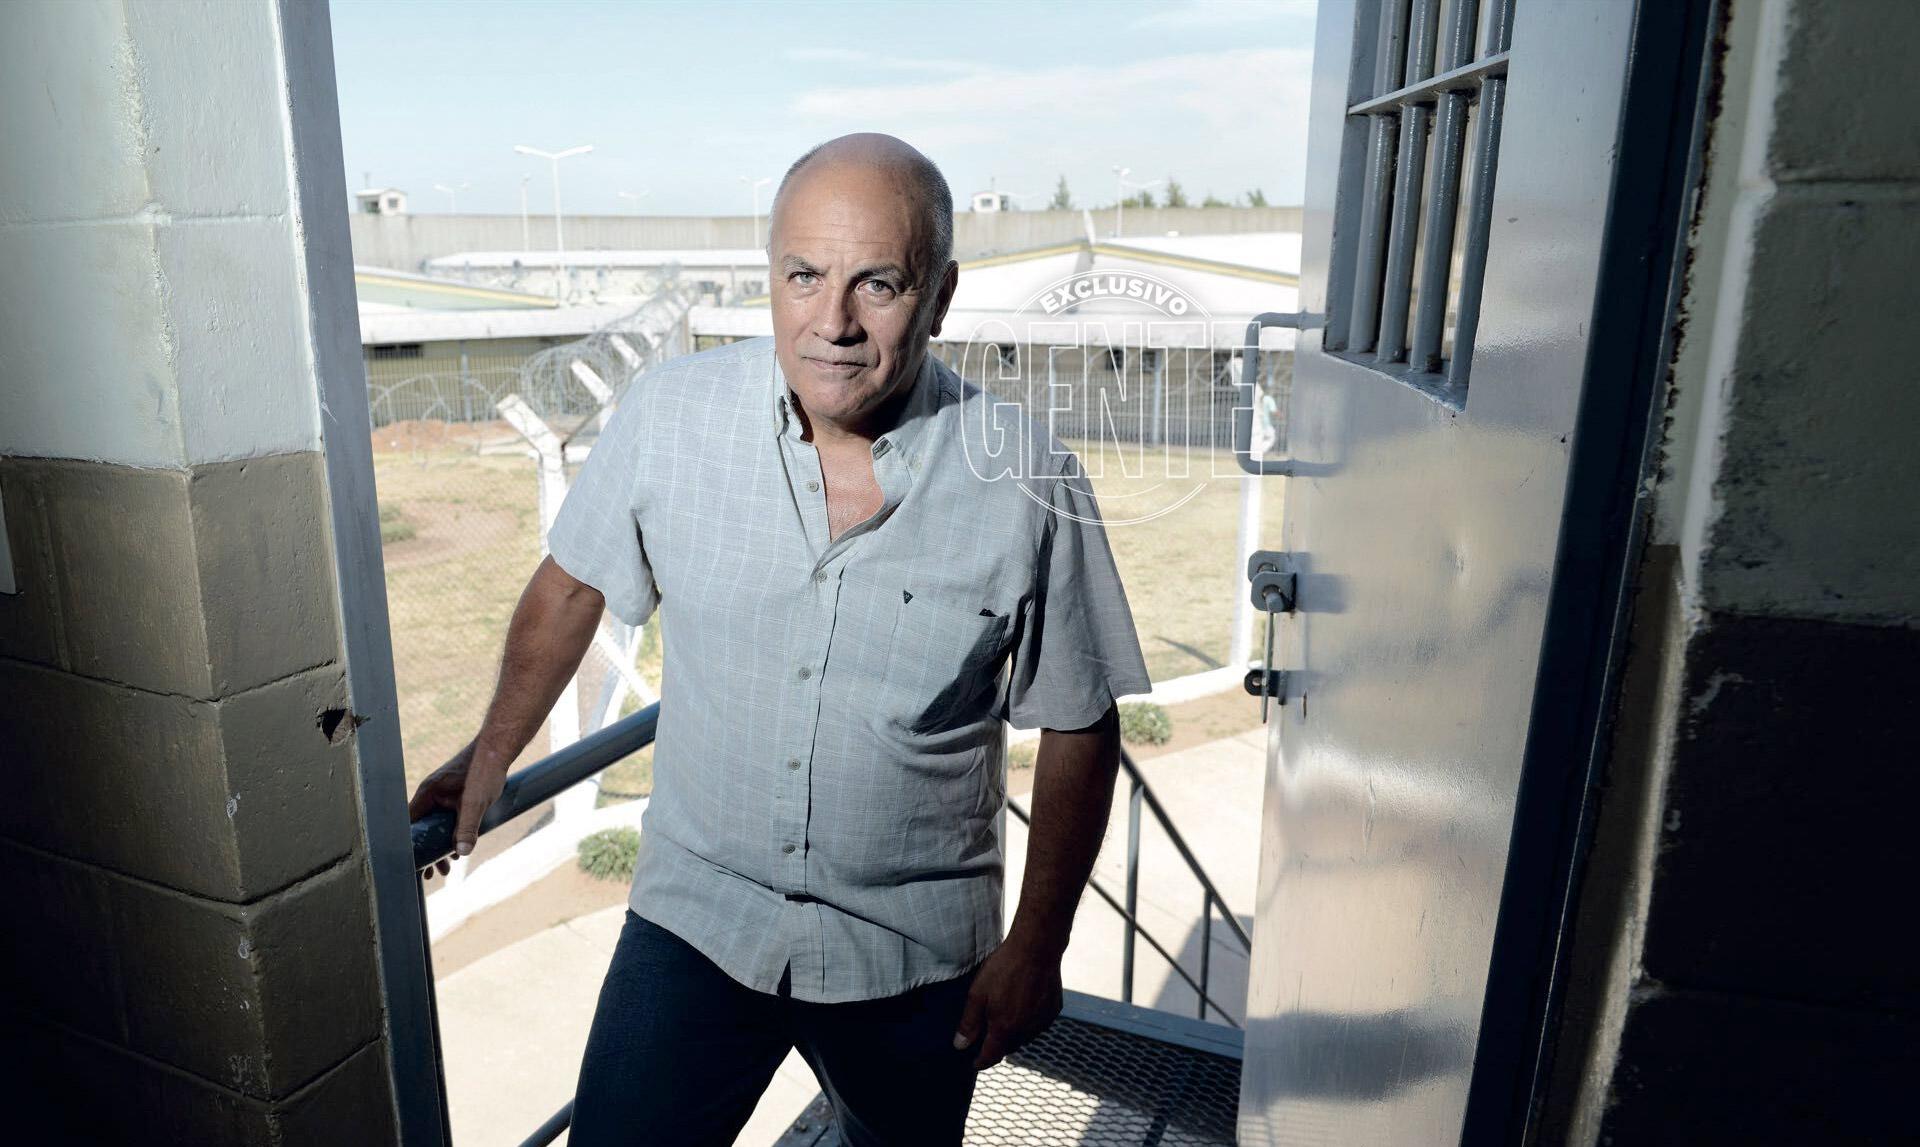 Luis Valor lleva 33 años tras las rejas. (Foto Maximiliano Vernazza)